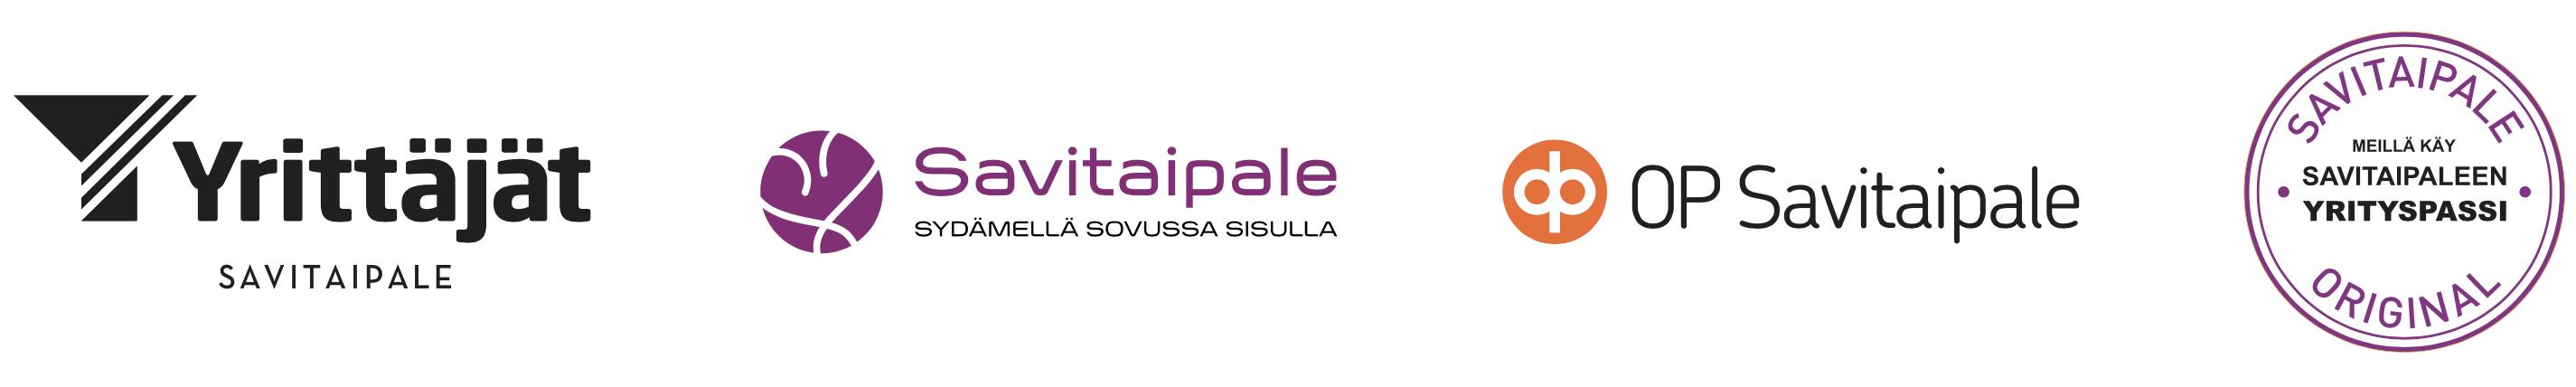 Yhteistyössä Savitaipaleen yrittäjät, Savitaipaleen kunta ja OP Savitaipale